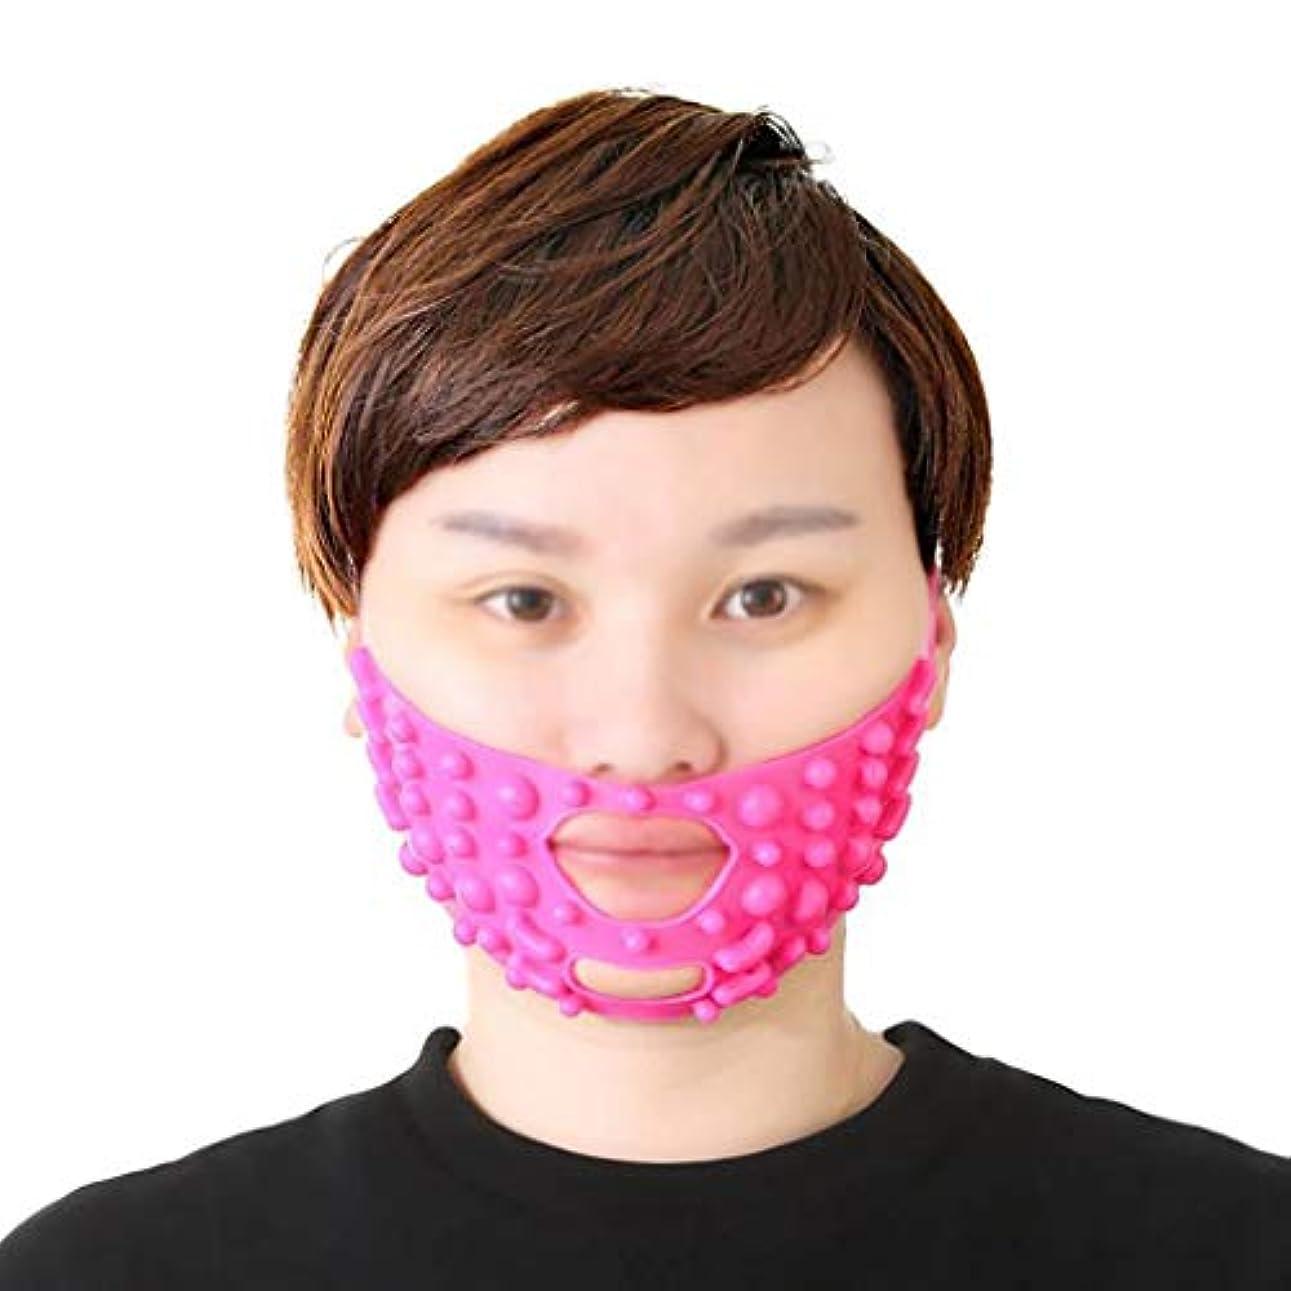 反乱架空の乗算GLJJQMY 顔の持ち上がるマスクのあごのリボンのシリコーンVのマスクのマスク強力な包帯Vの表面の人工物小さいVの顔の包帯顔および首の持ち上がるピンクのシリコーンの包帯 顔用整形マスク